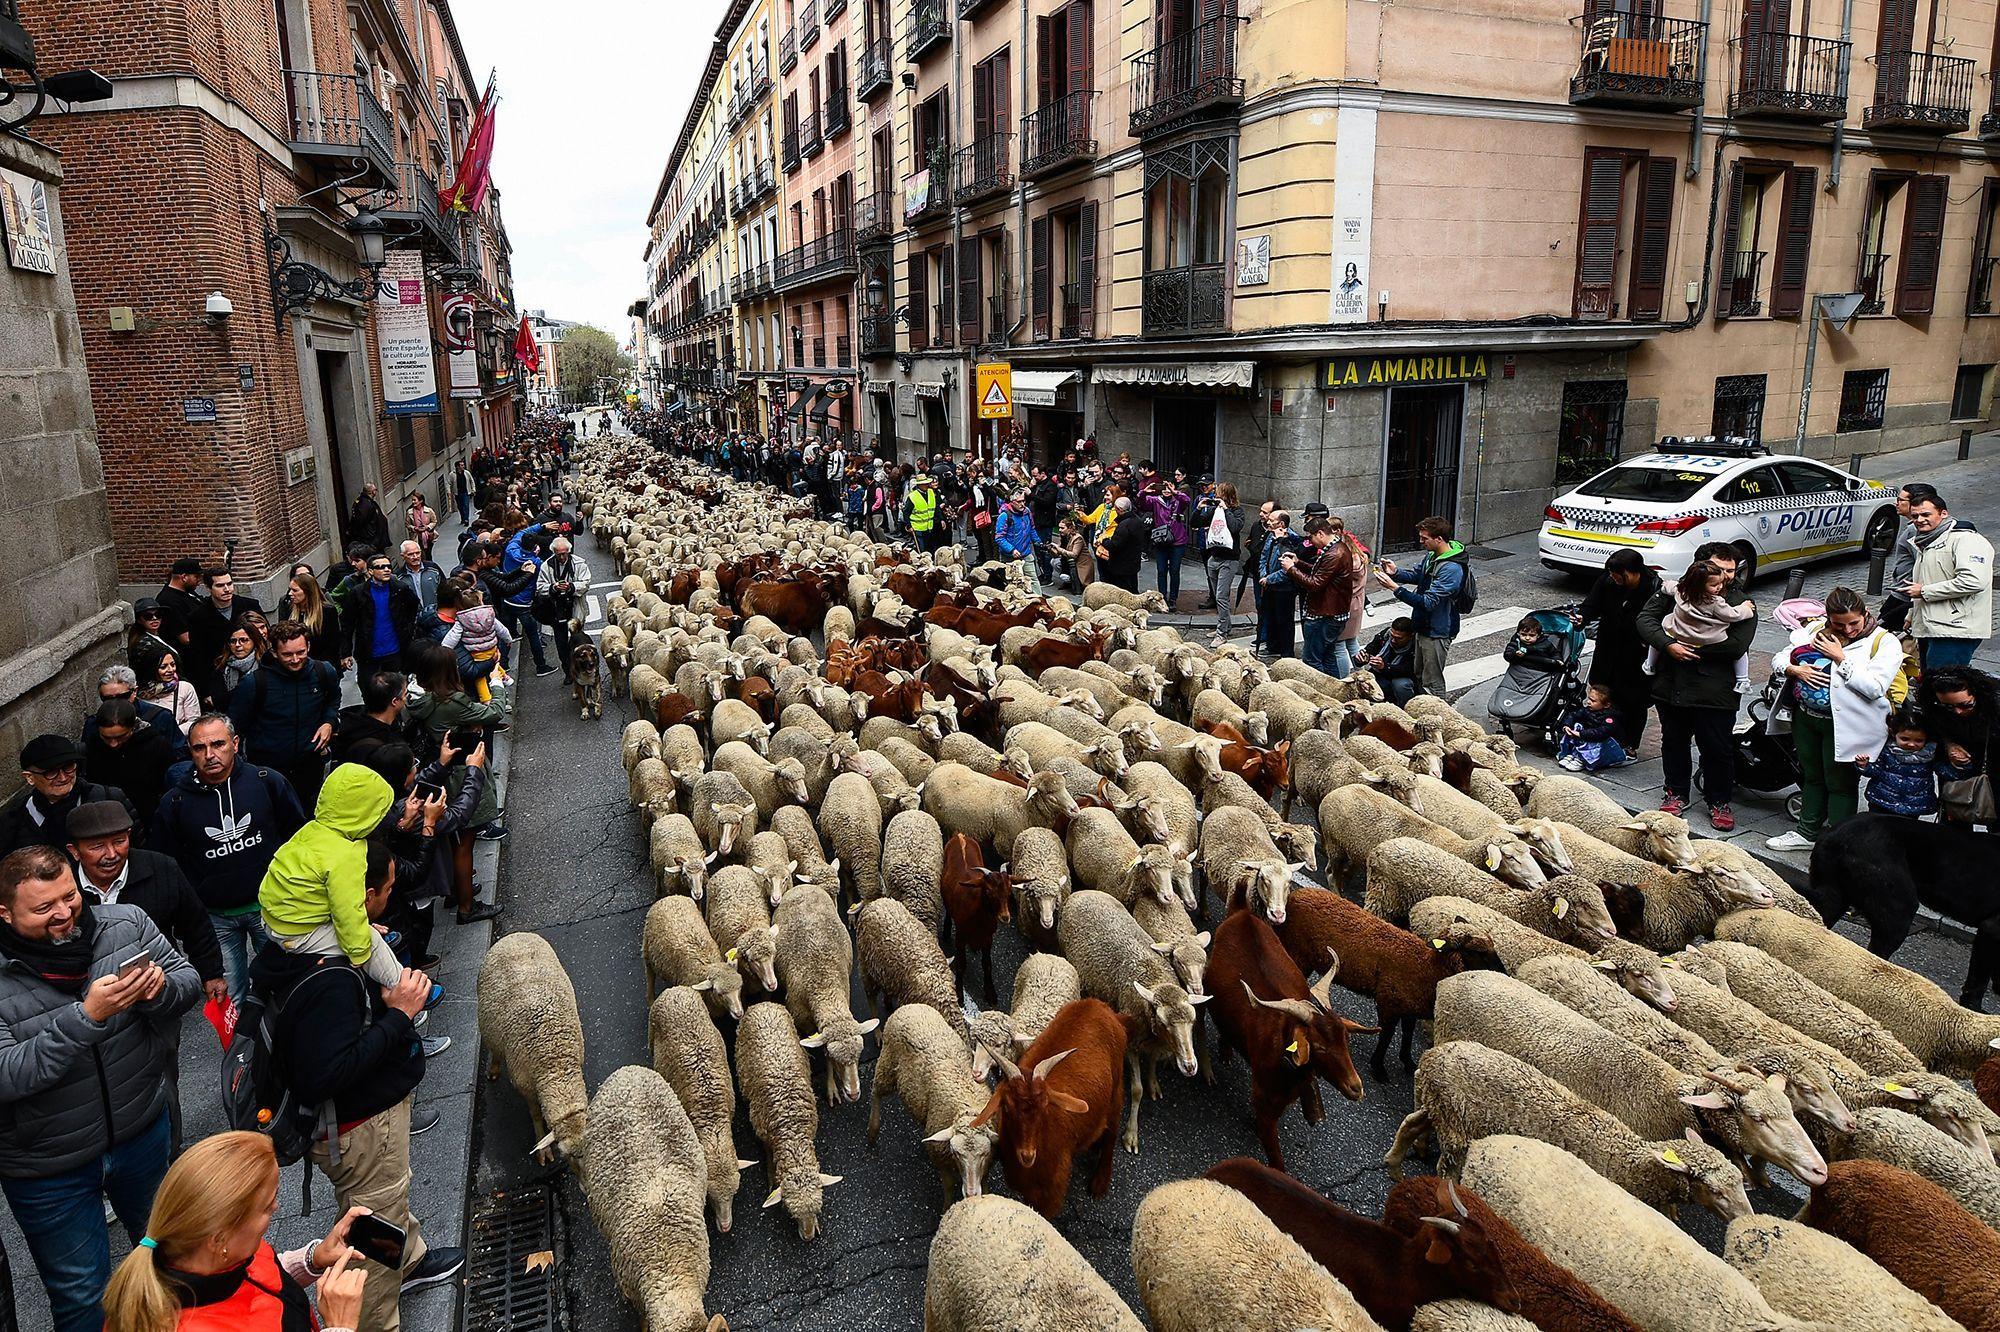 Dimanche, des milliers de brebis ont traversé Madrid